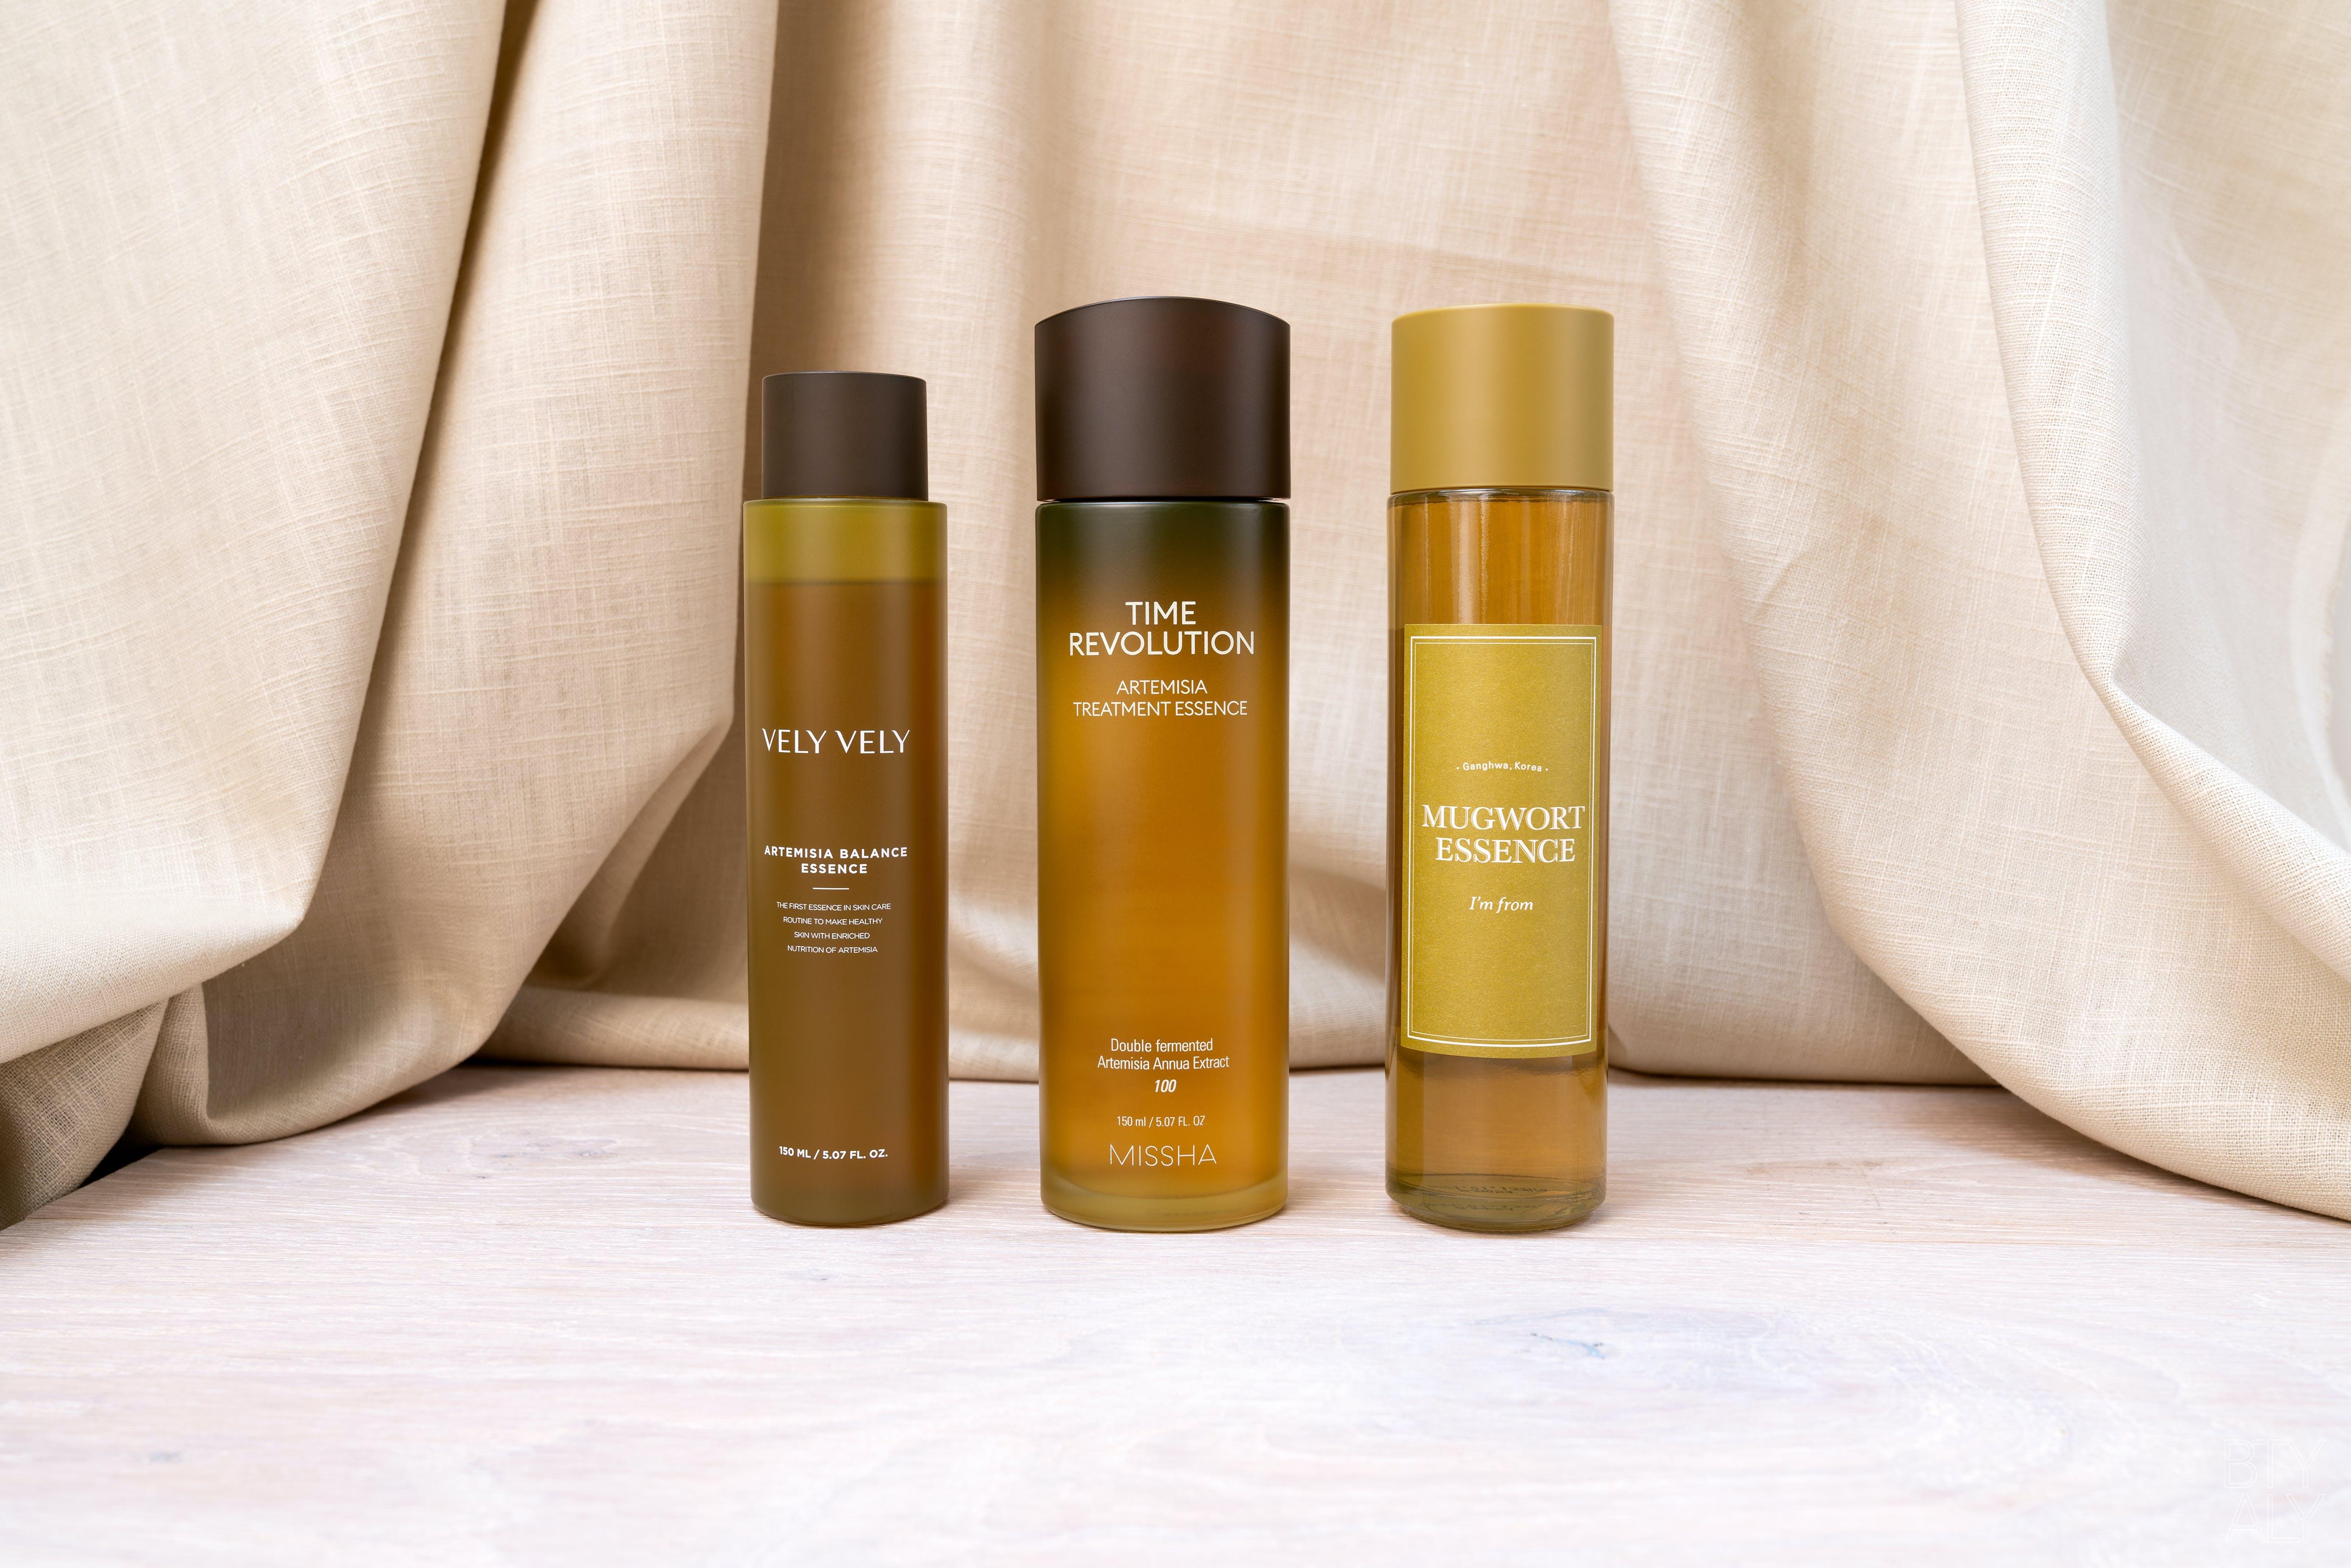 Vely Vely Artemisia Balance Essence, Missha Time Revolution Artemisia Treatment Essence, I'm From Mugwort Essence